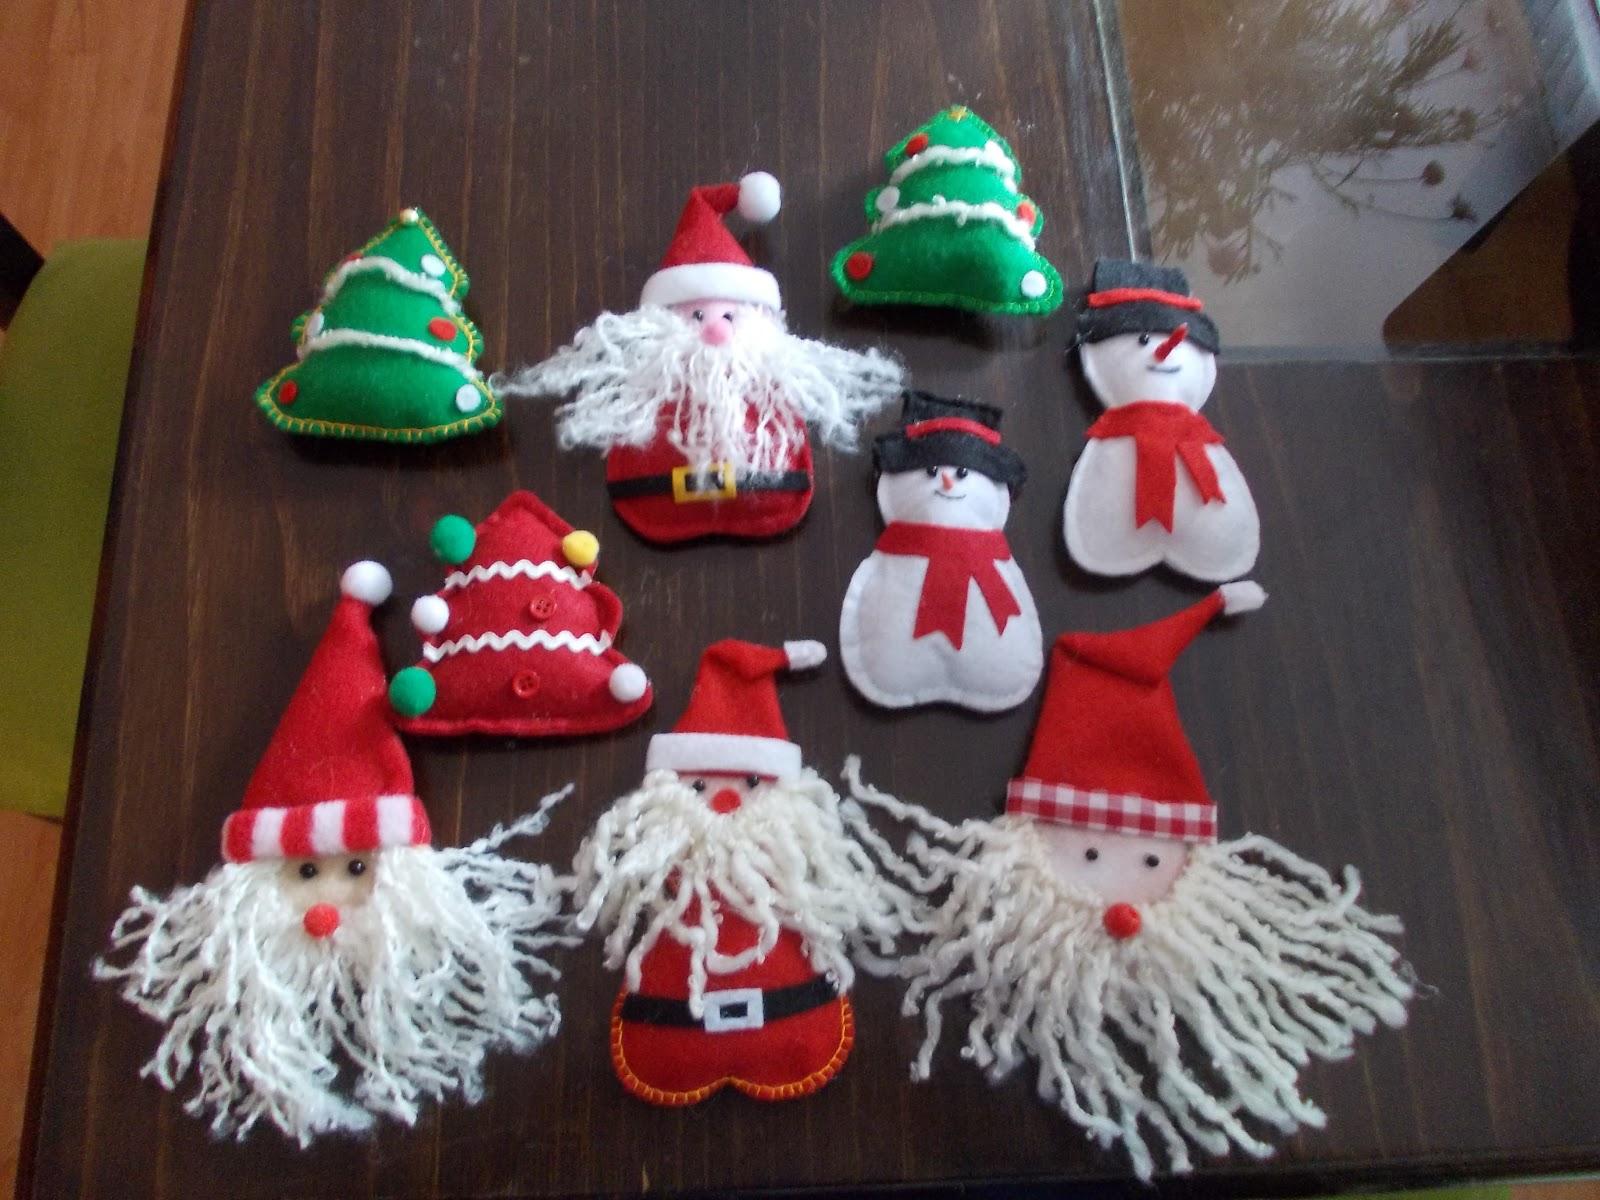 Adornos y regalos de navidad adornos para rbol de navidad - Arbol de navidad adornos ...